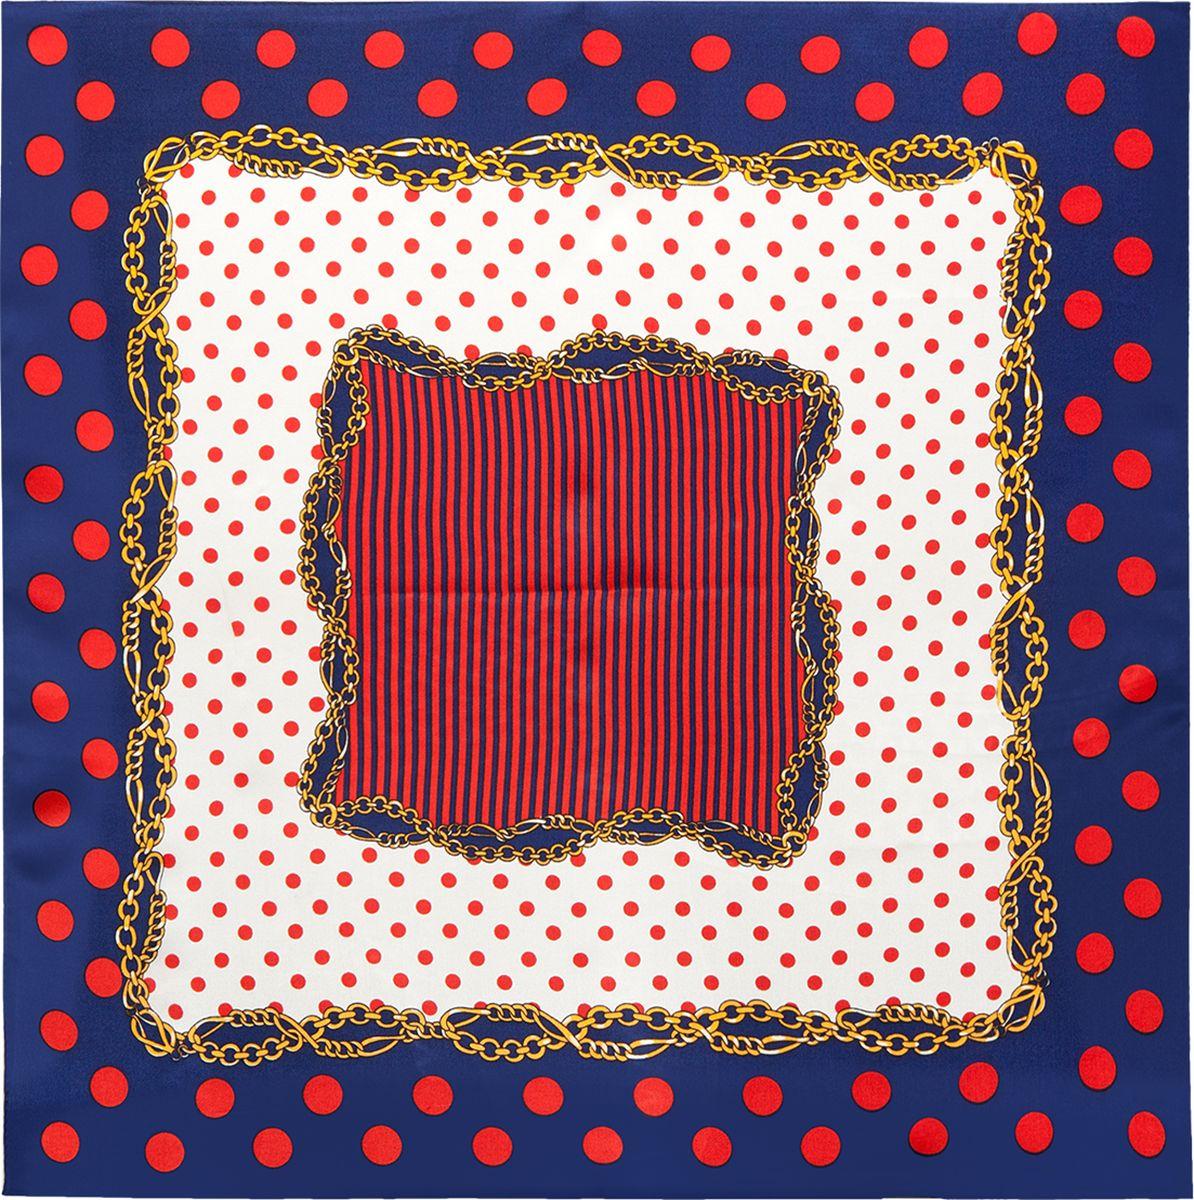 Платок женский Eleganzza, цвет: синий, красный. SS03-7878. Размер 53 см х 53 смSS03-7878Платок Eleganzza выполнен из шелка. Модель оформлена контрастным принтом. Классическая квадратная форма позволяет носить платок на шее, украшать им прическу или декорировать сумочку.